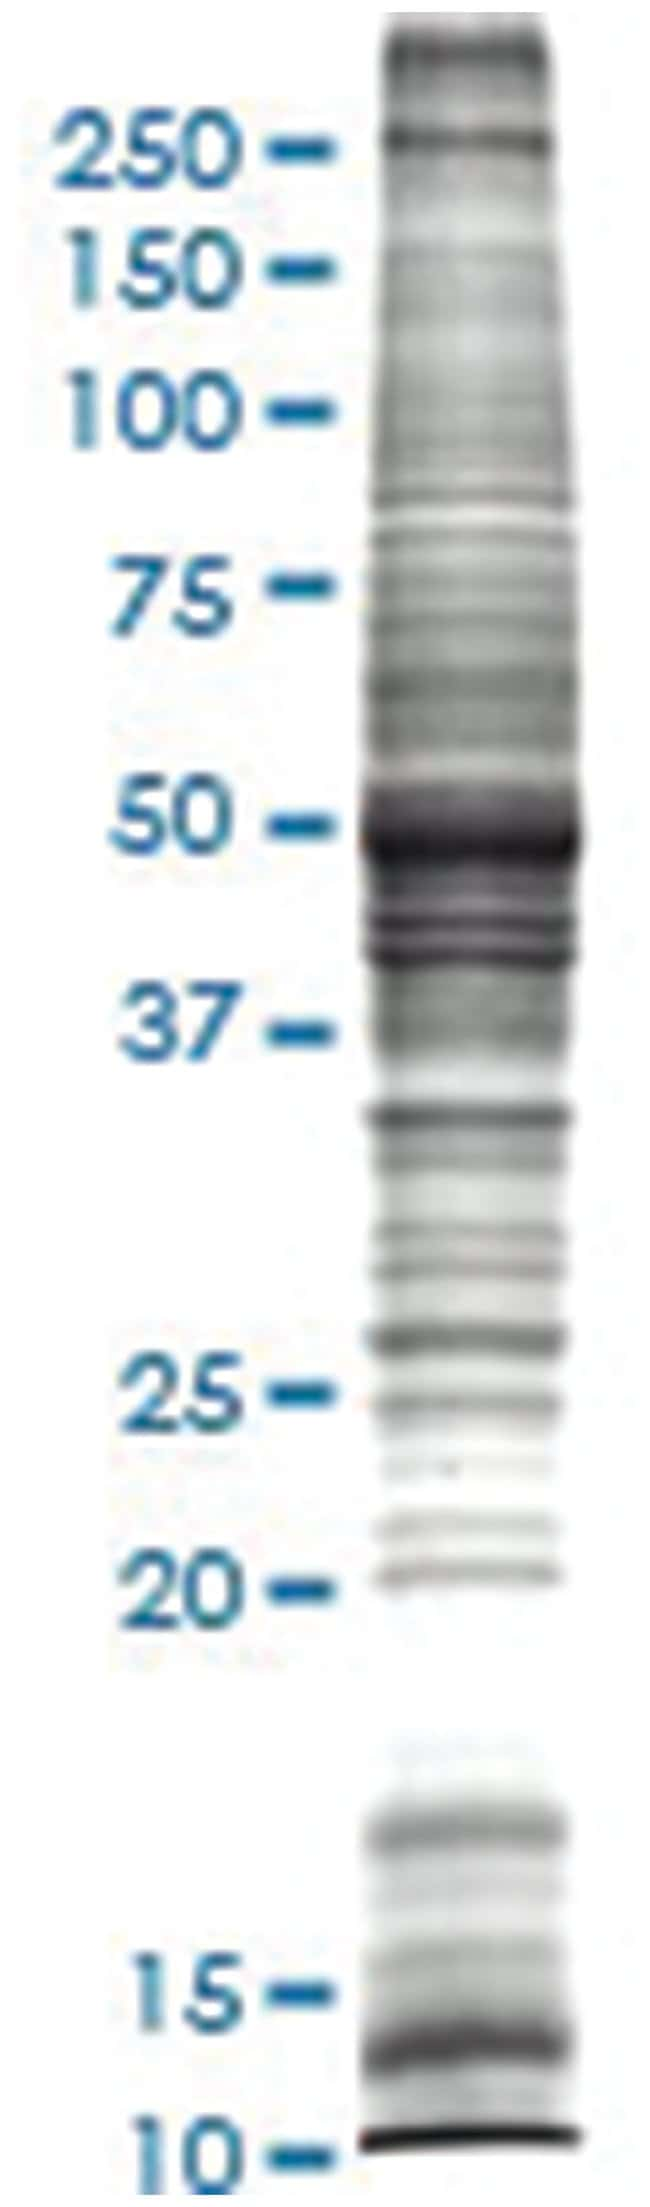 Rat brain tissue lysate, Denatured; Abnova 50μg:Protein Analysis Reagents